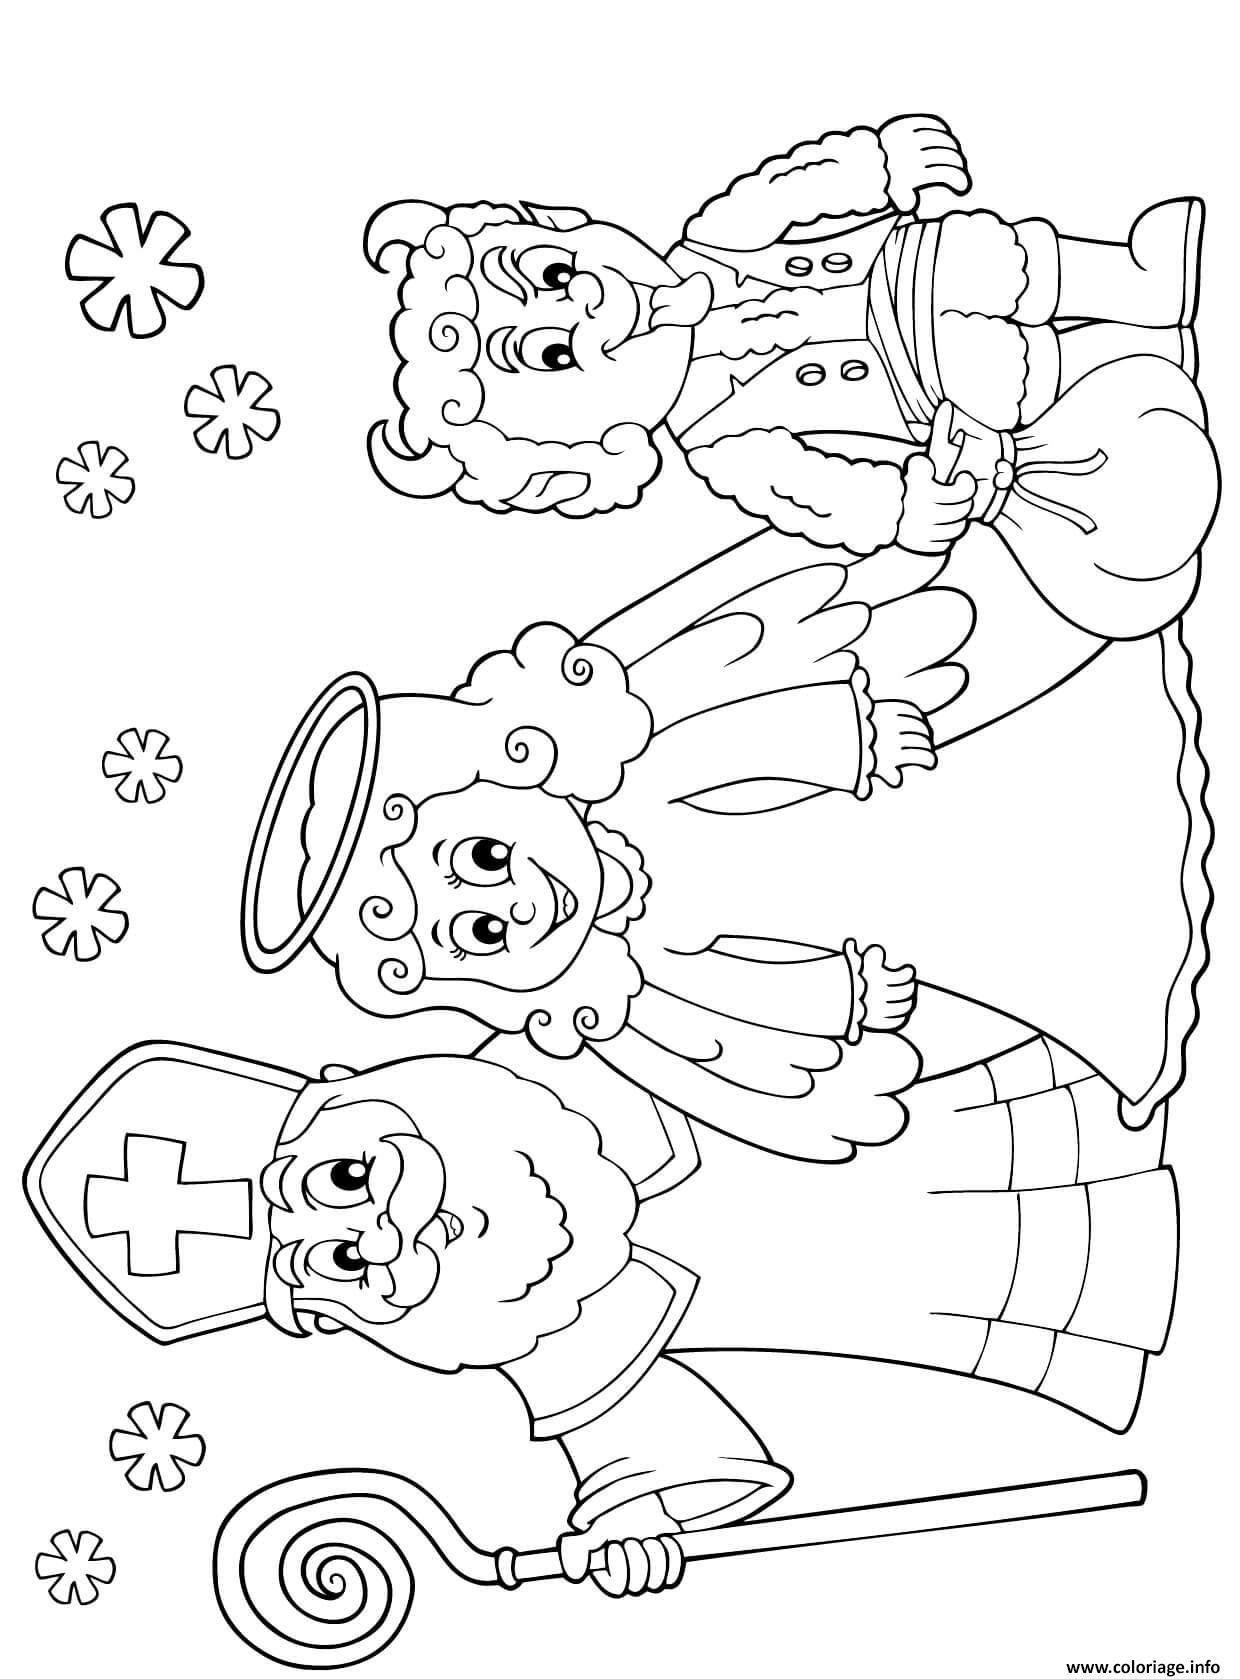 Dessin enfants noel saint nicolas avec un ange et un diable Coloriage Gratuit à Imprimer